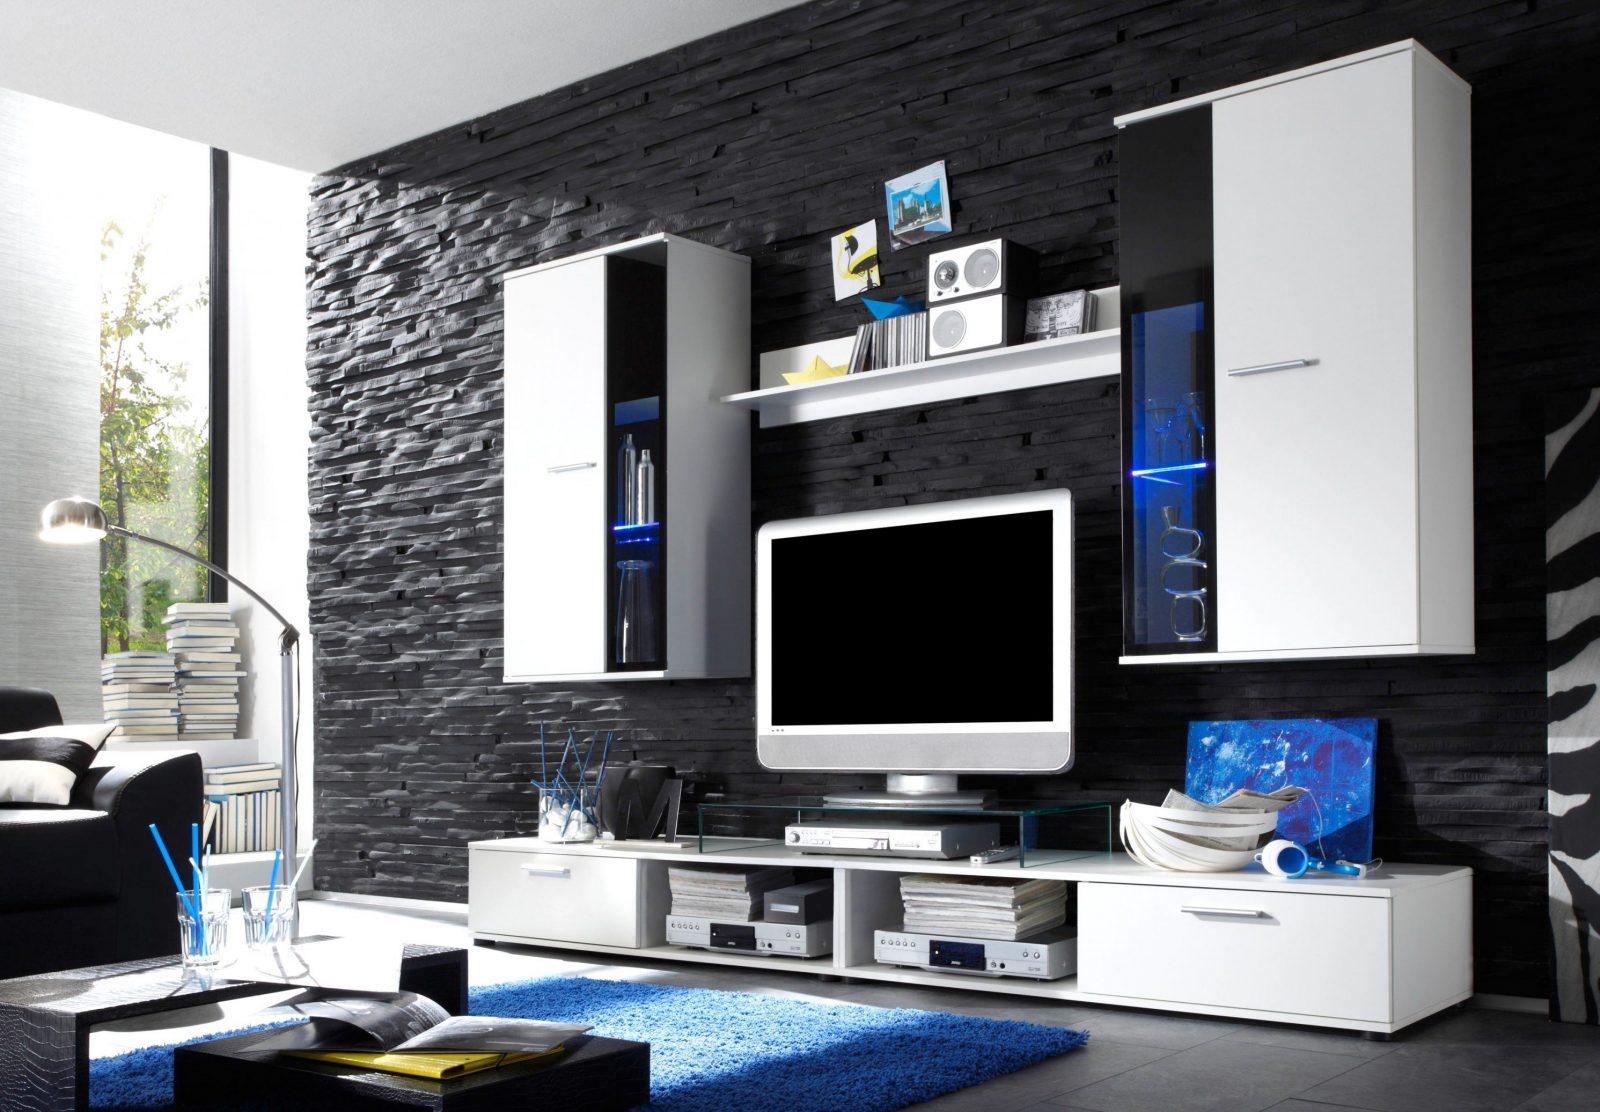 Stylist Design Ideas Wohnzimmer Grau Weiß Streichen  Home Design Ideas von Wohnzimmer Grau Weiß Streichen Photo